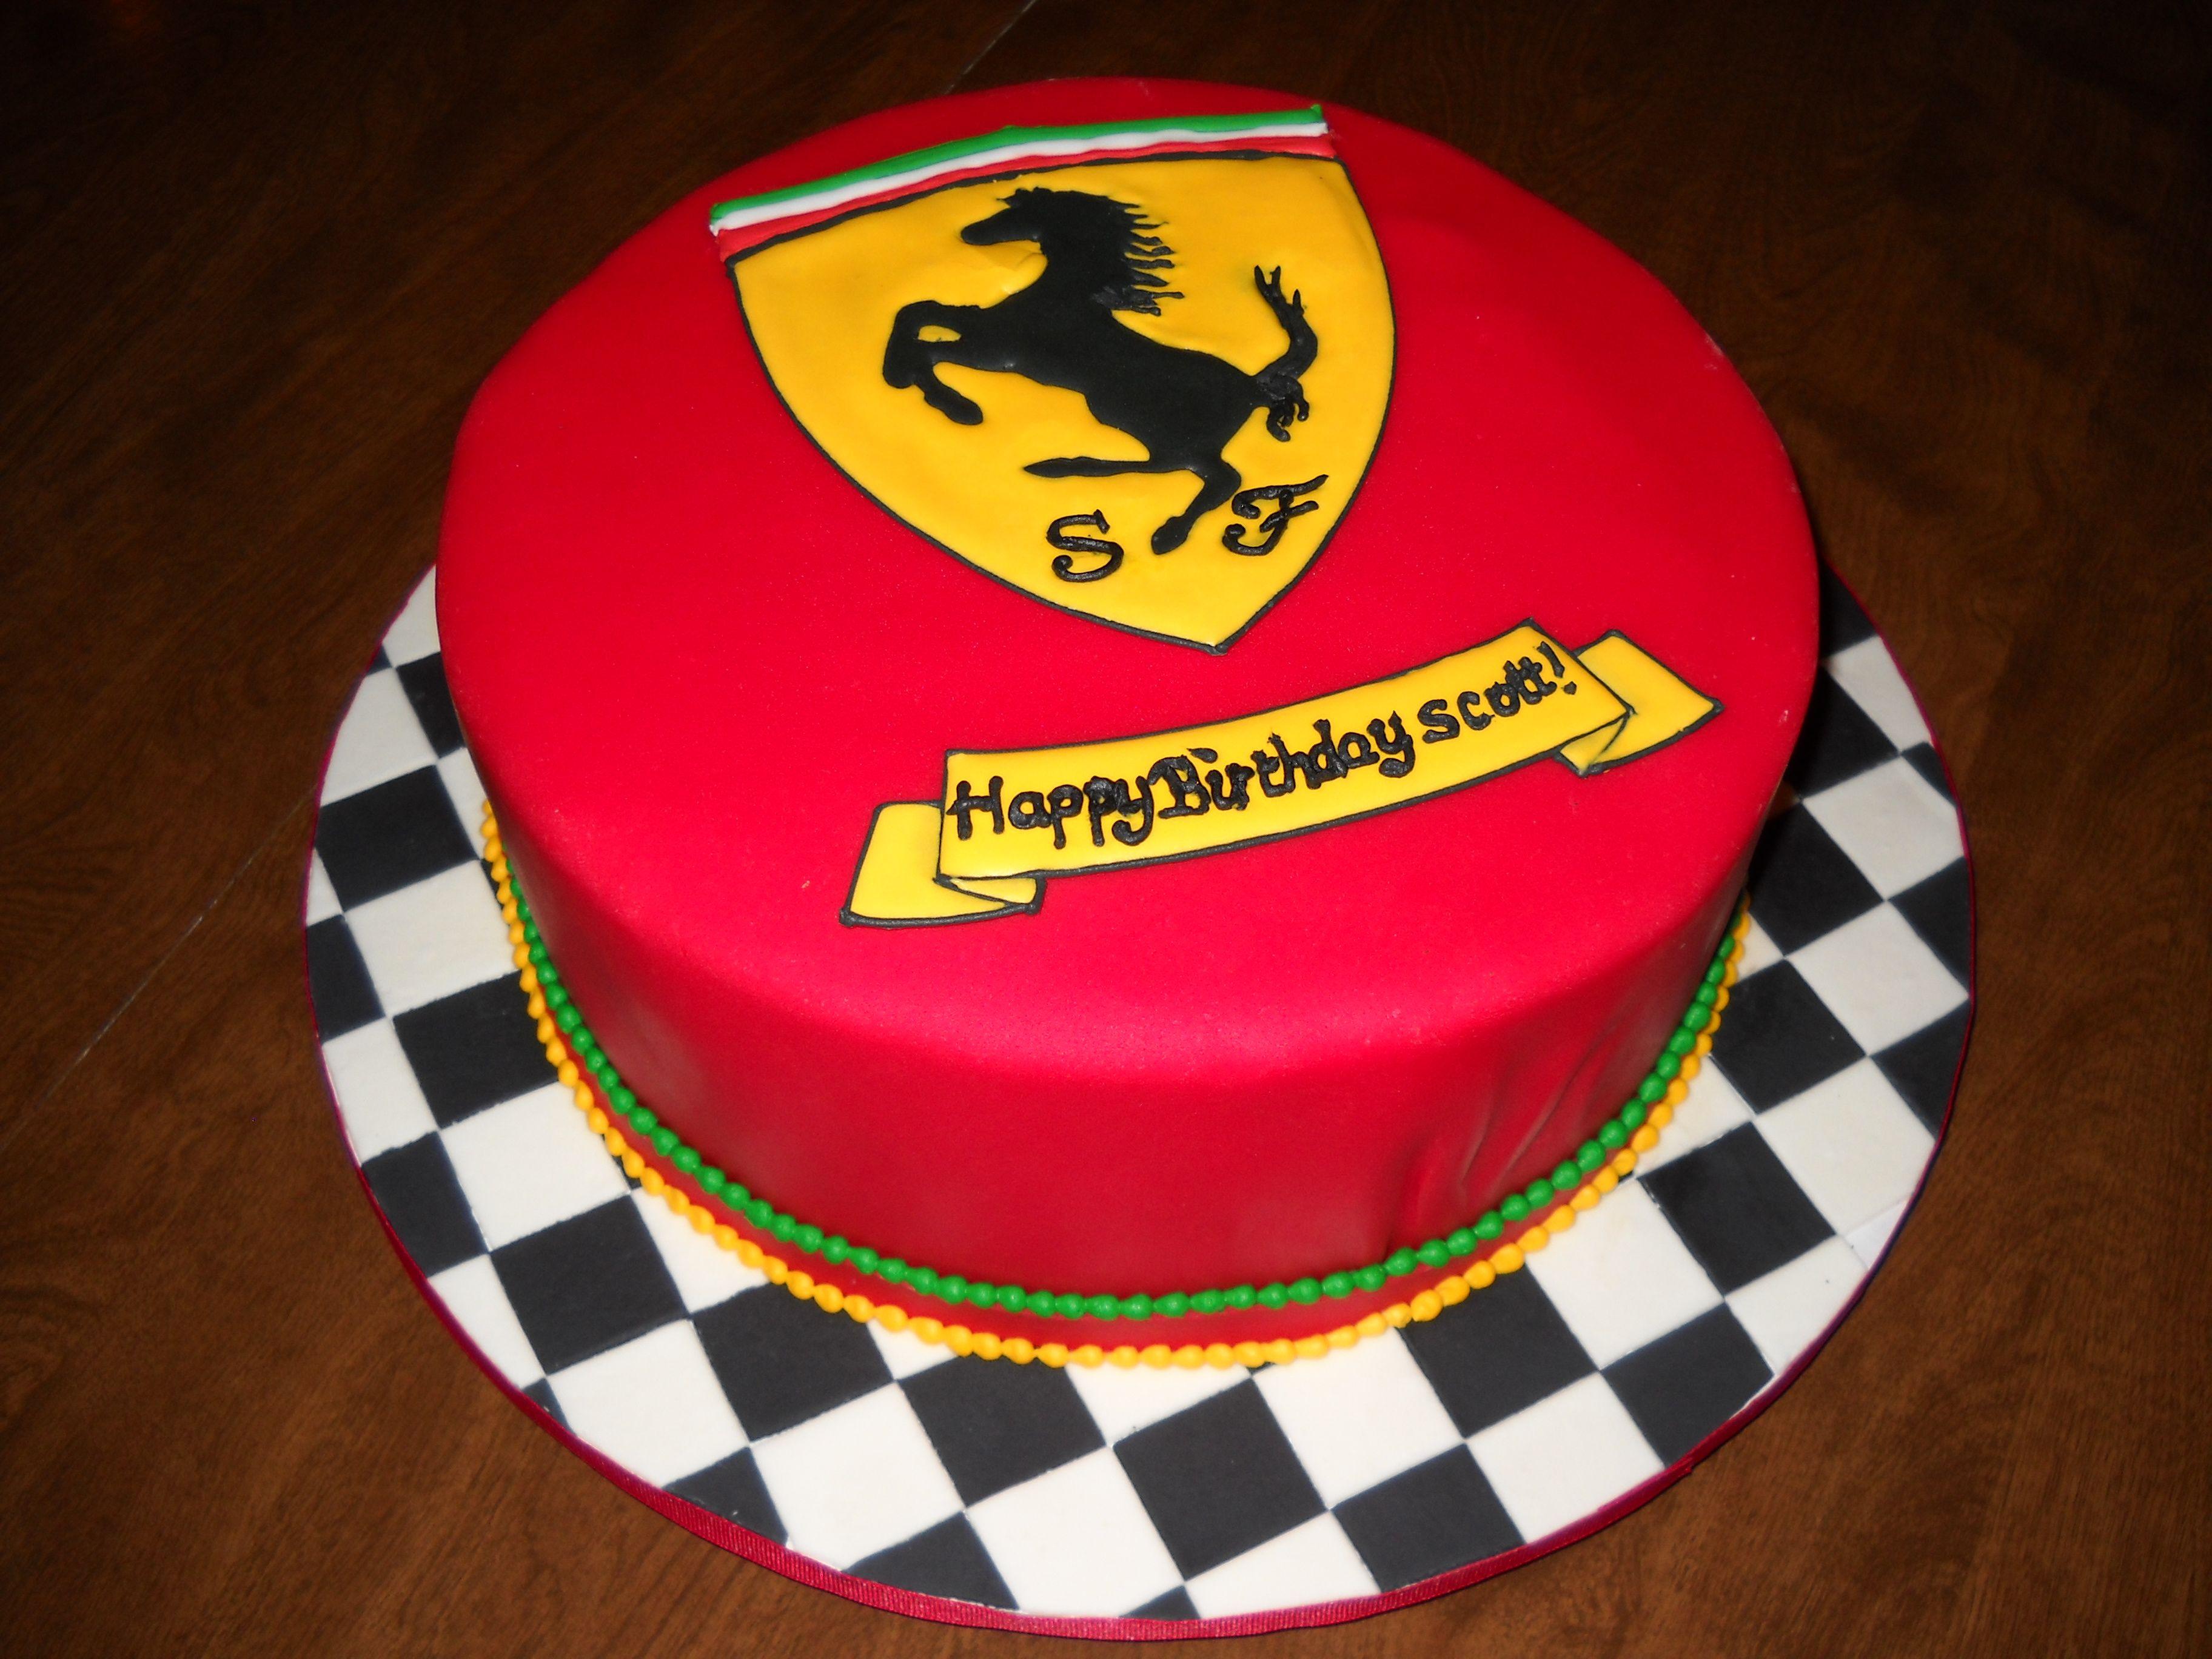 Ferrari Emblem Cake With Images Cake Decorating With Fondant